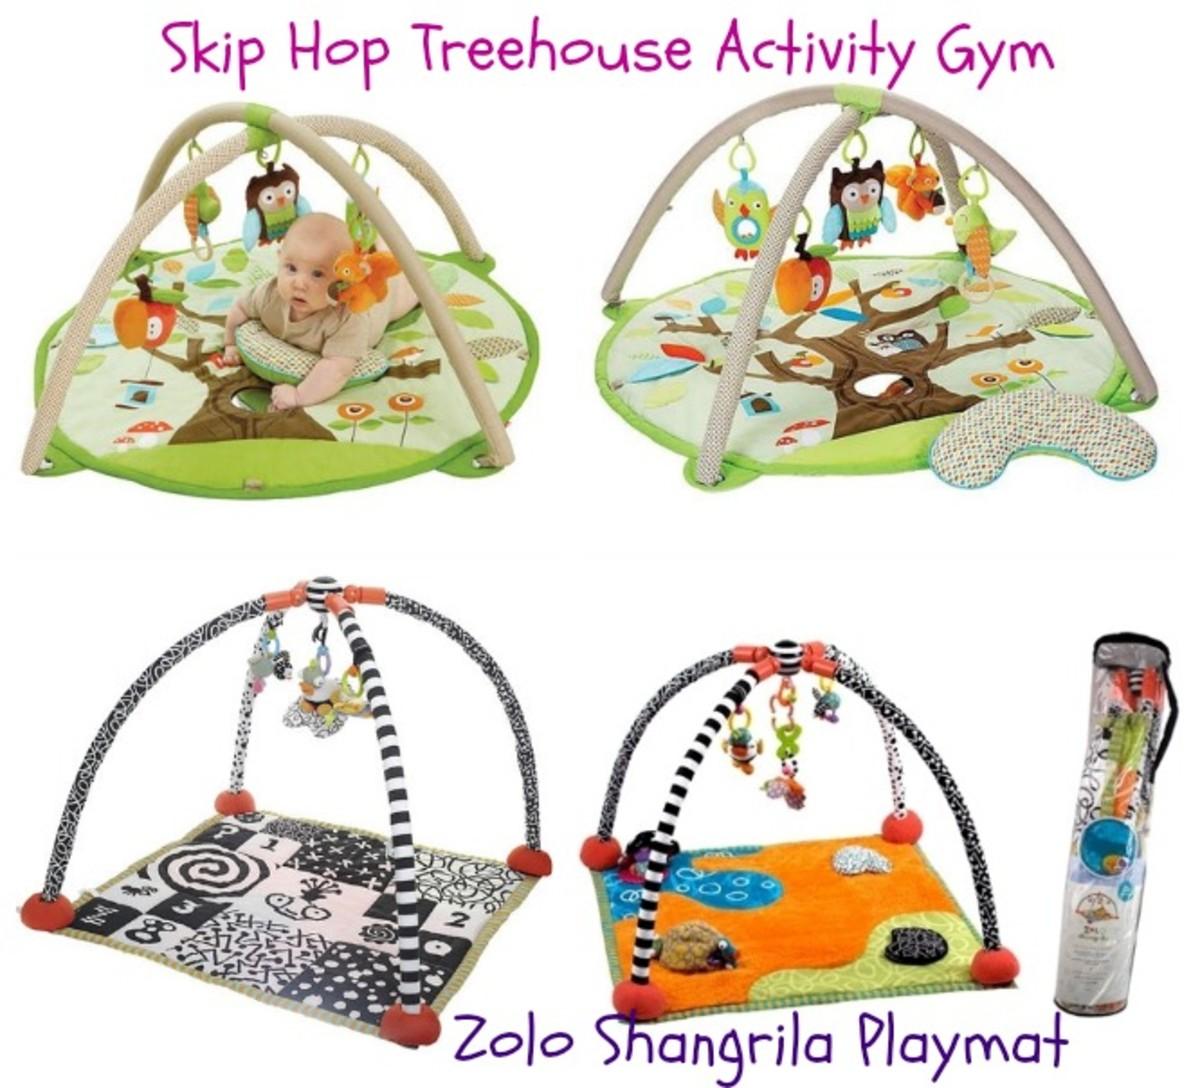 activity mat, play mat, skip hop treehouse, zolo